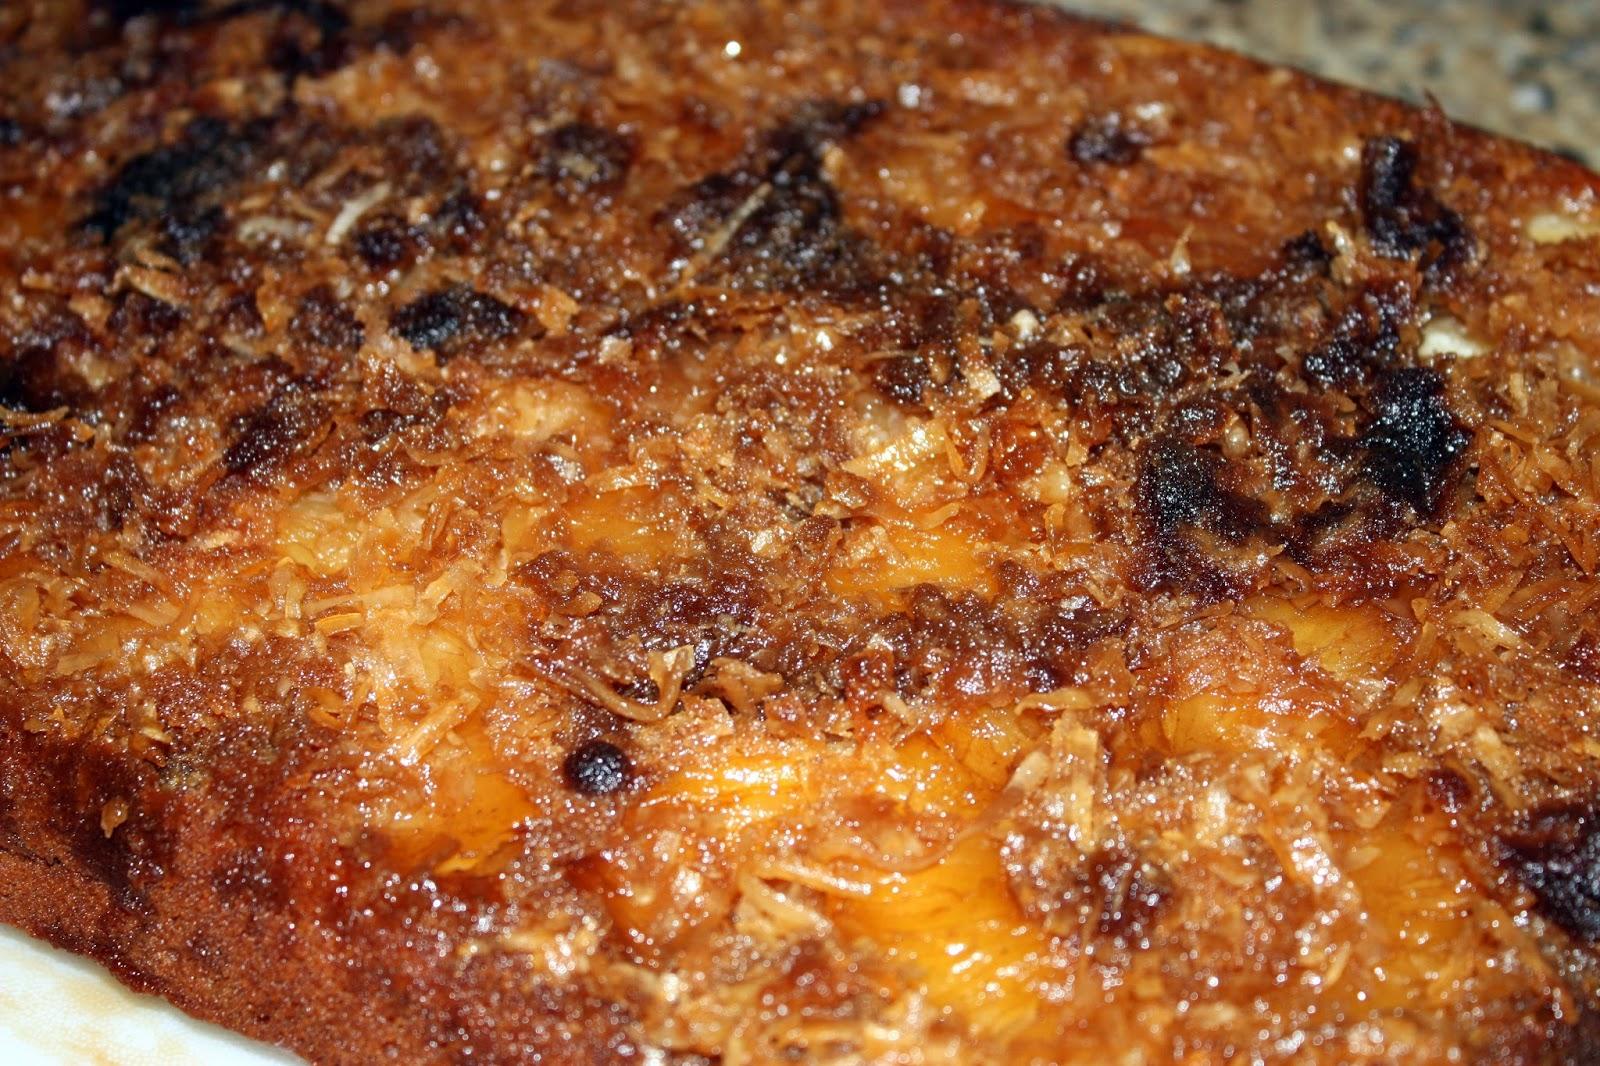 Gluten Free Betty Crocker Pineapple Upside Down Cake